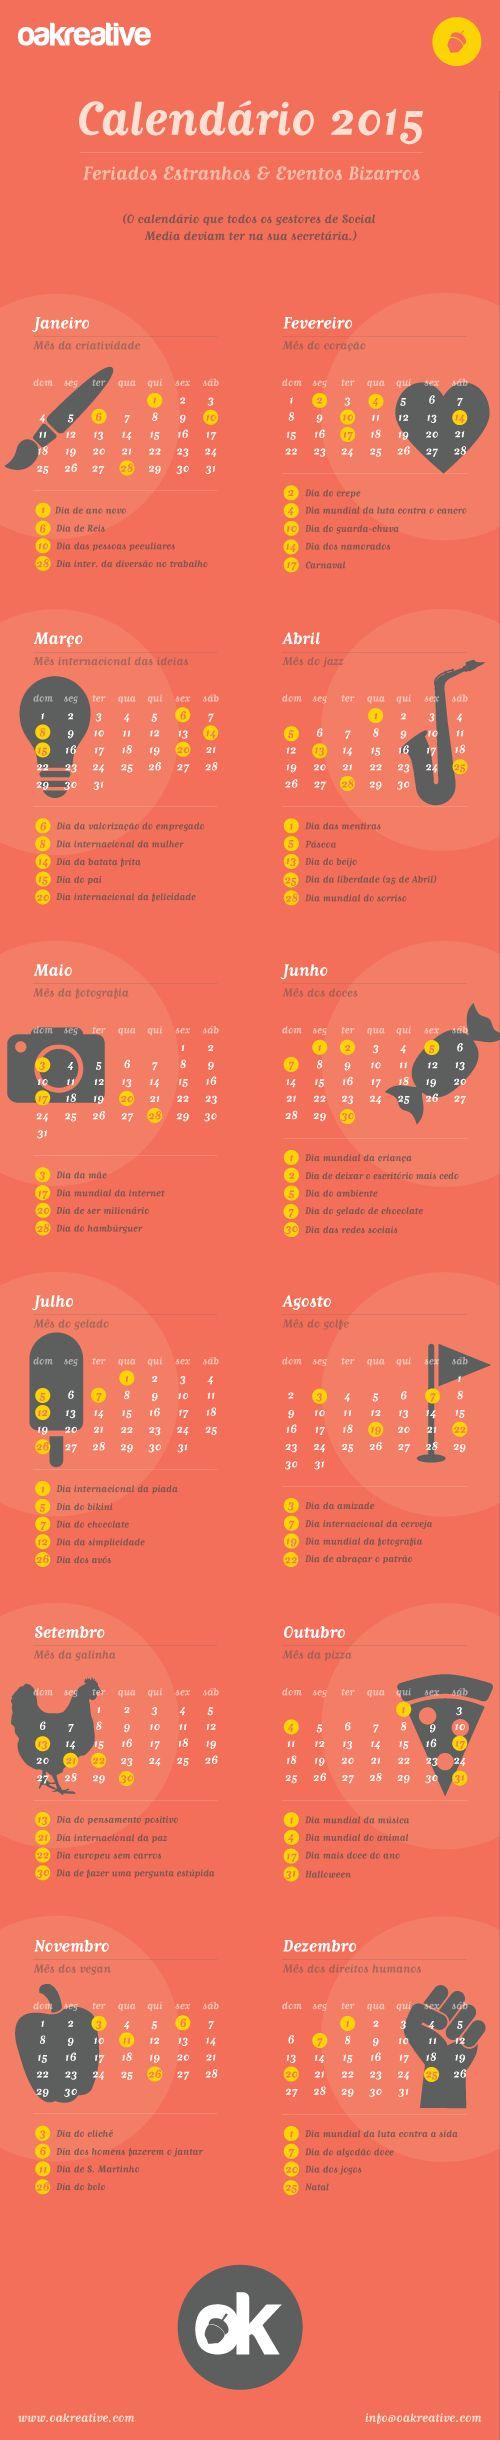 Calendário de Datas Comemorativas para as Redes Sociais